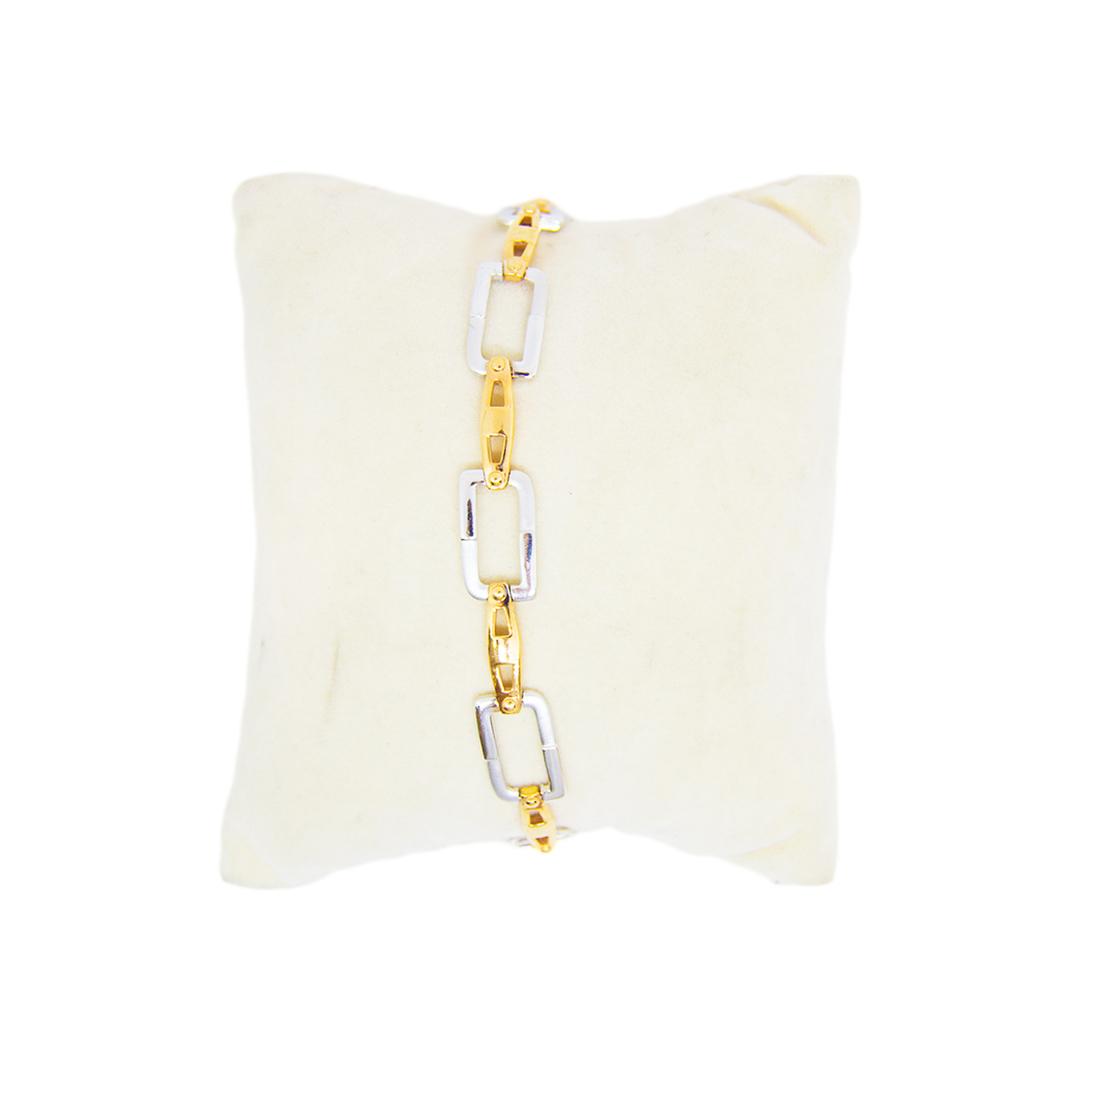 Anjalee Jewellers 18K Gold Bracelet studded with CZ Diamonds 18CLK/2